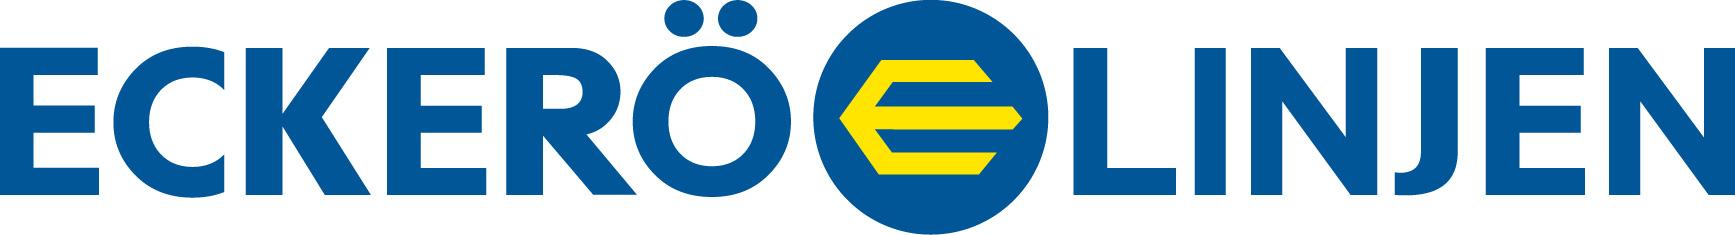 Eckerö Linjen logotyp